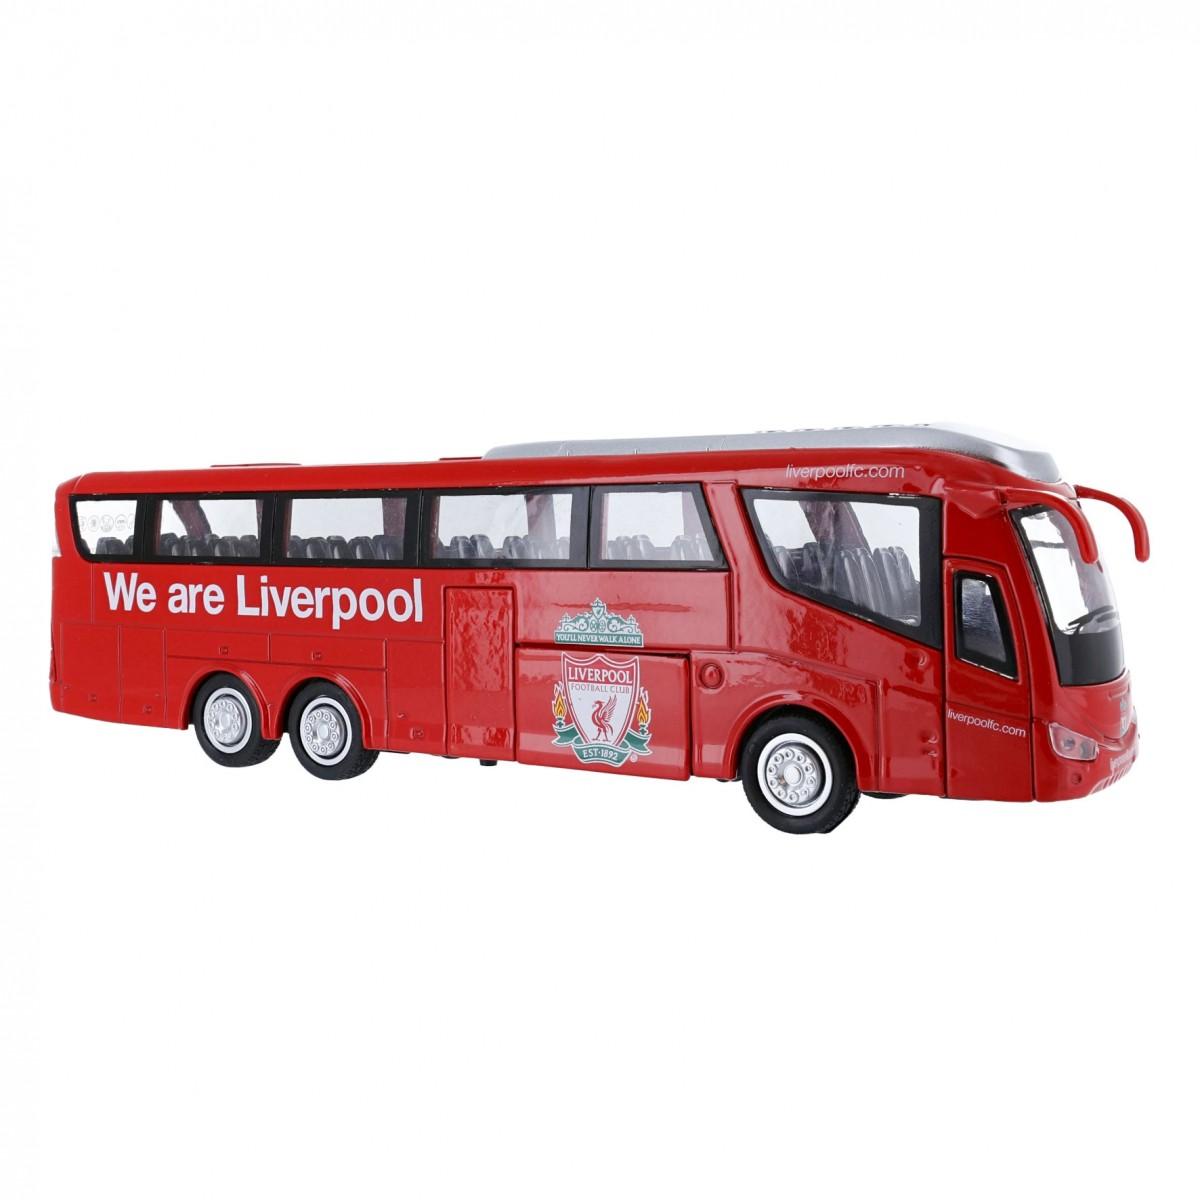 รถบัสทีมลิเวอร์พูล Liverpool FC Team Bus ของแท้